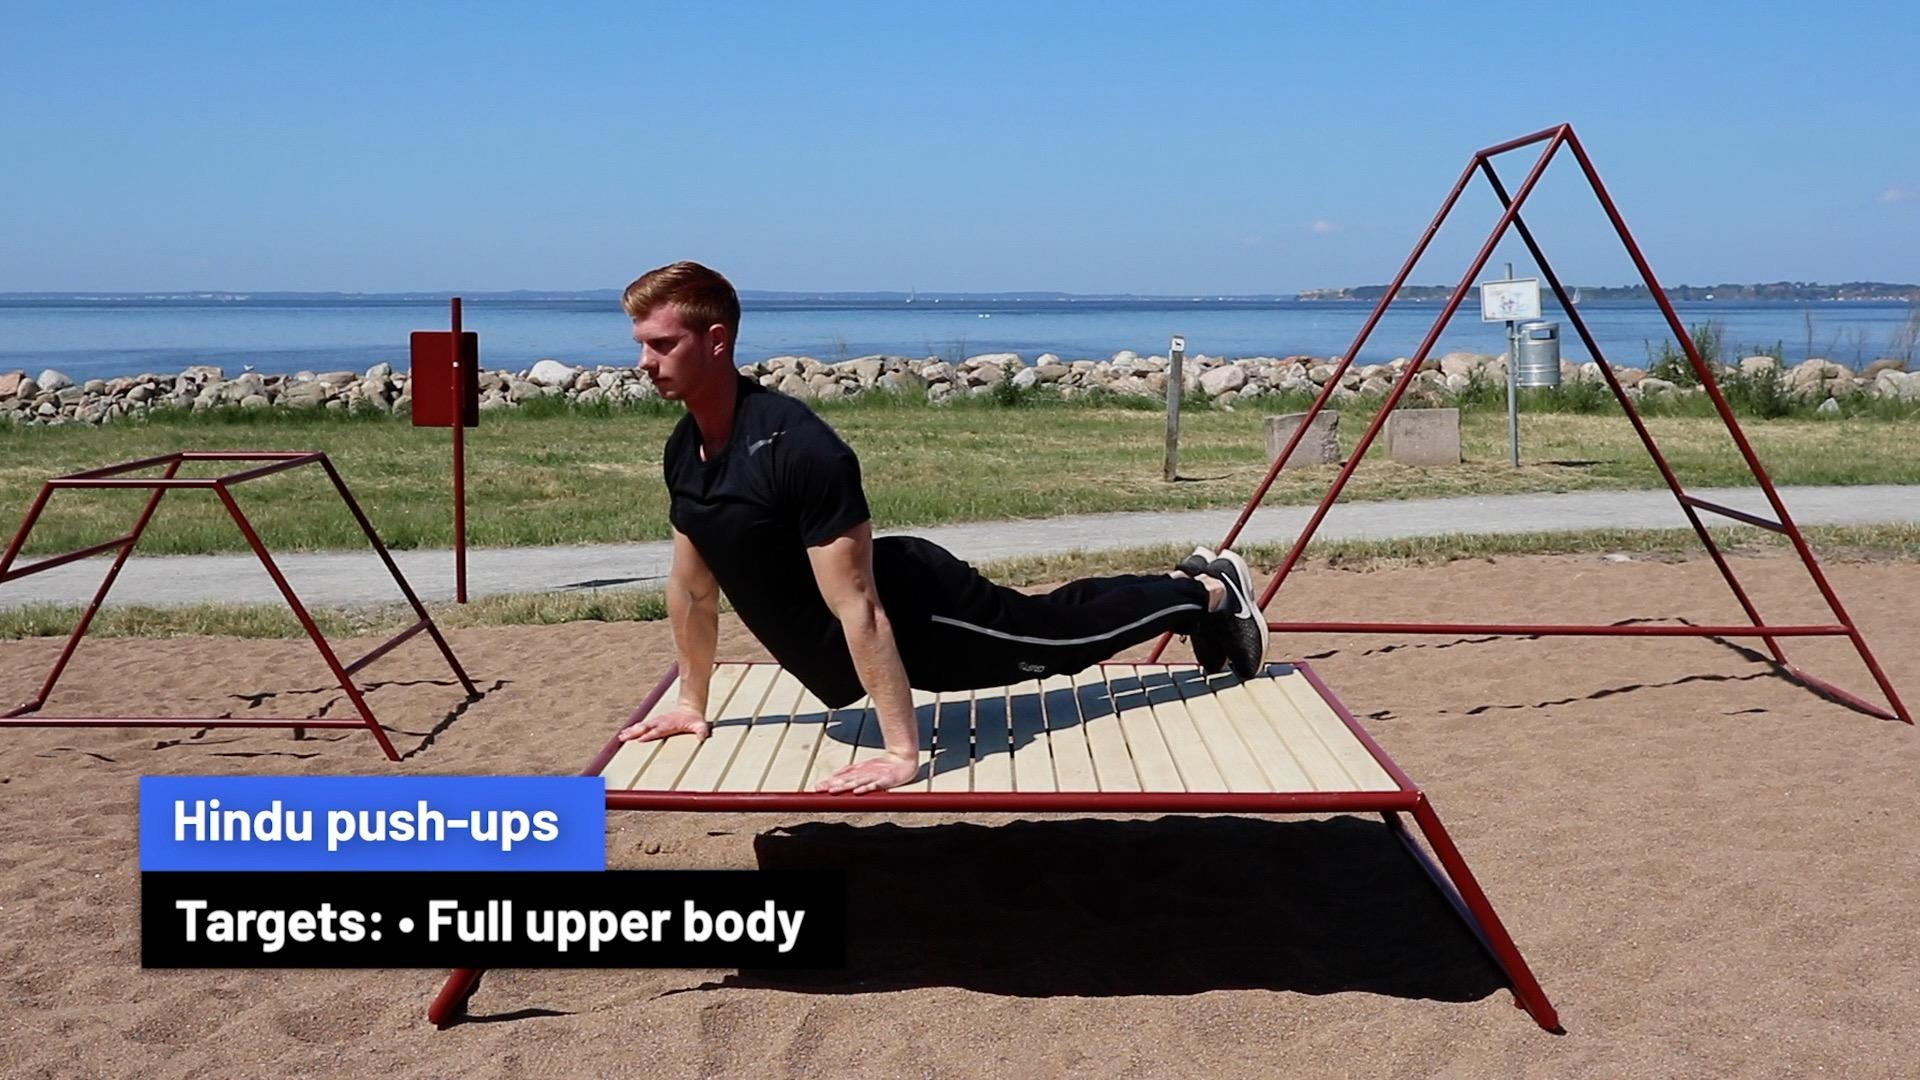 Hindu push-ups